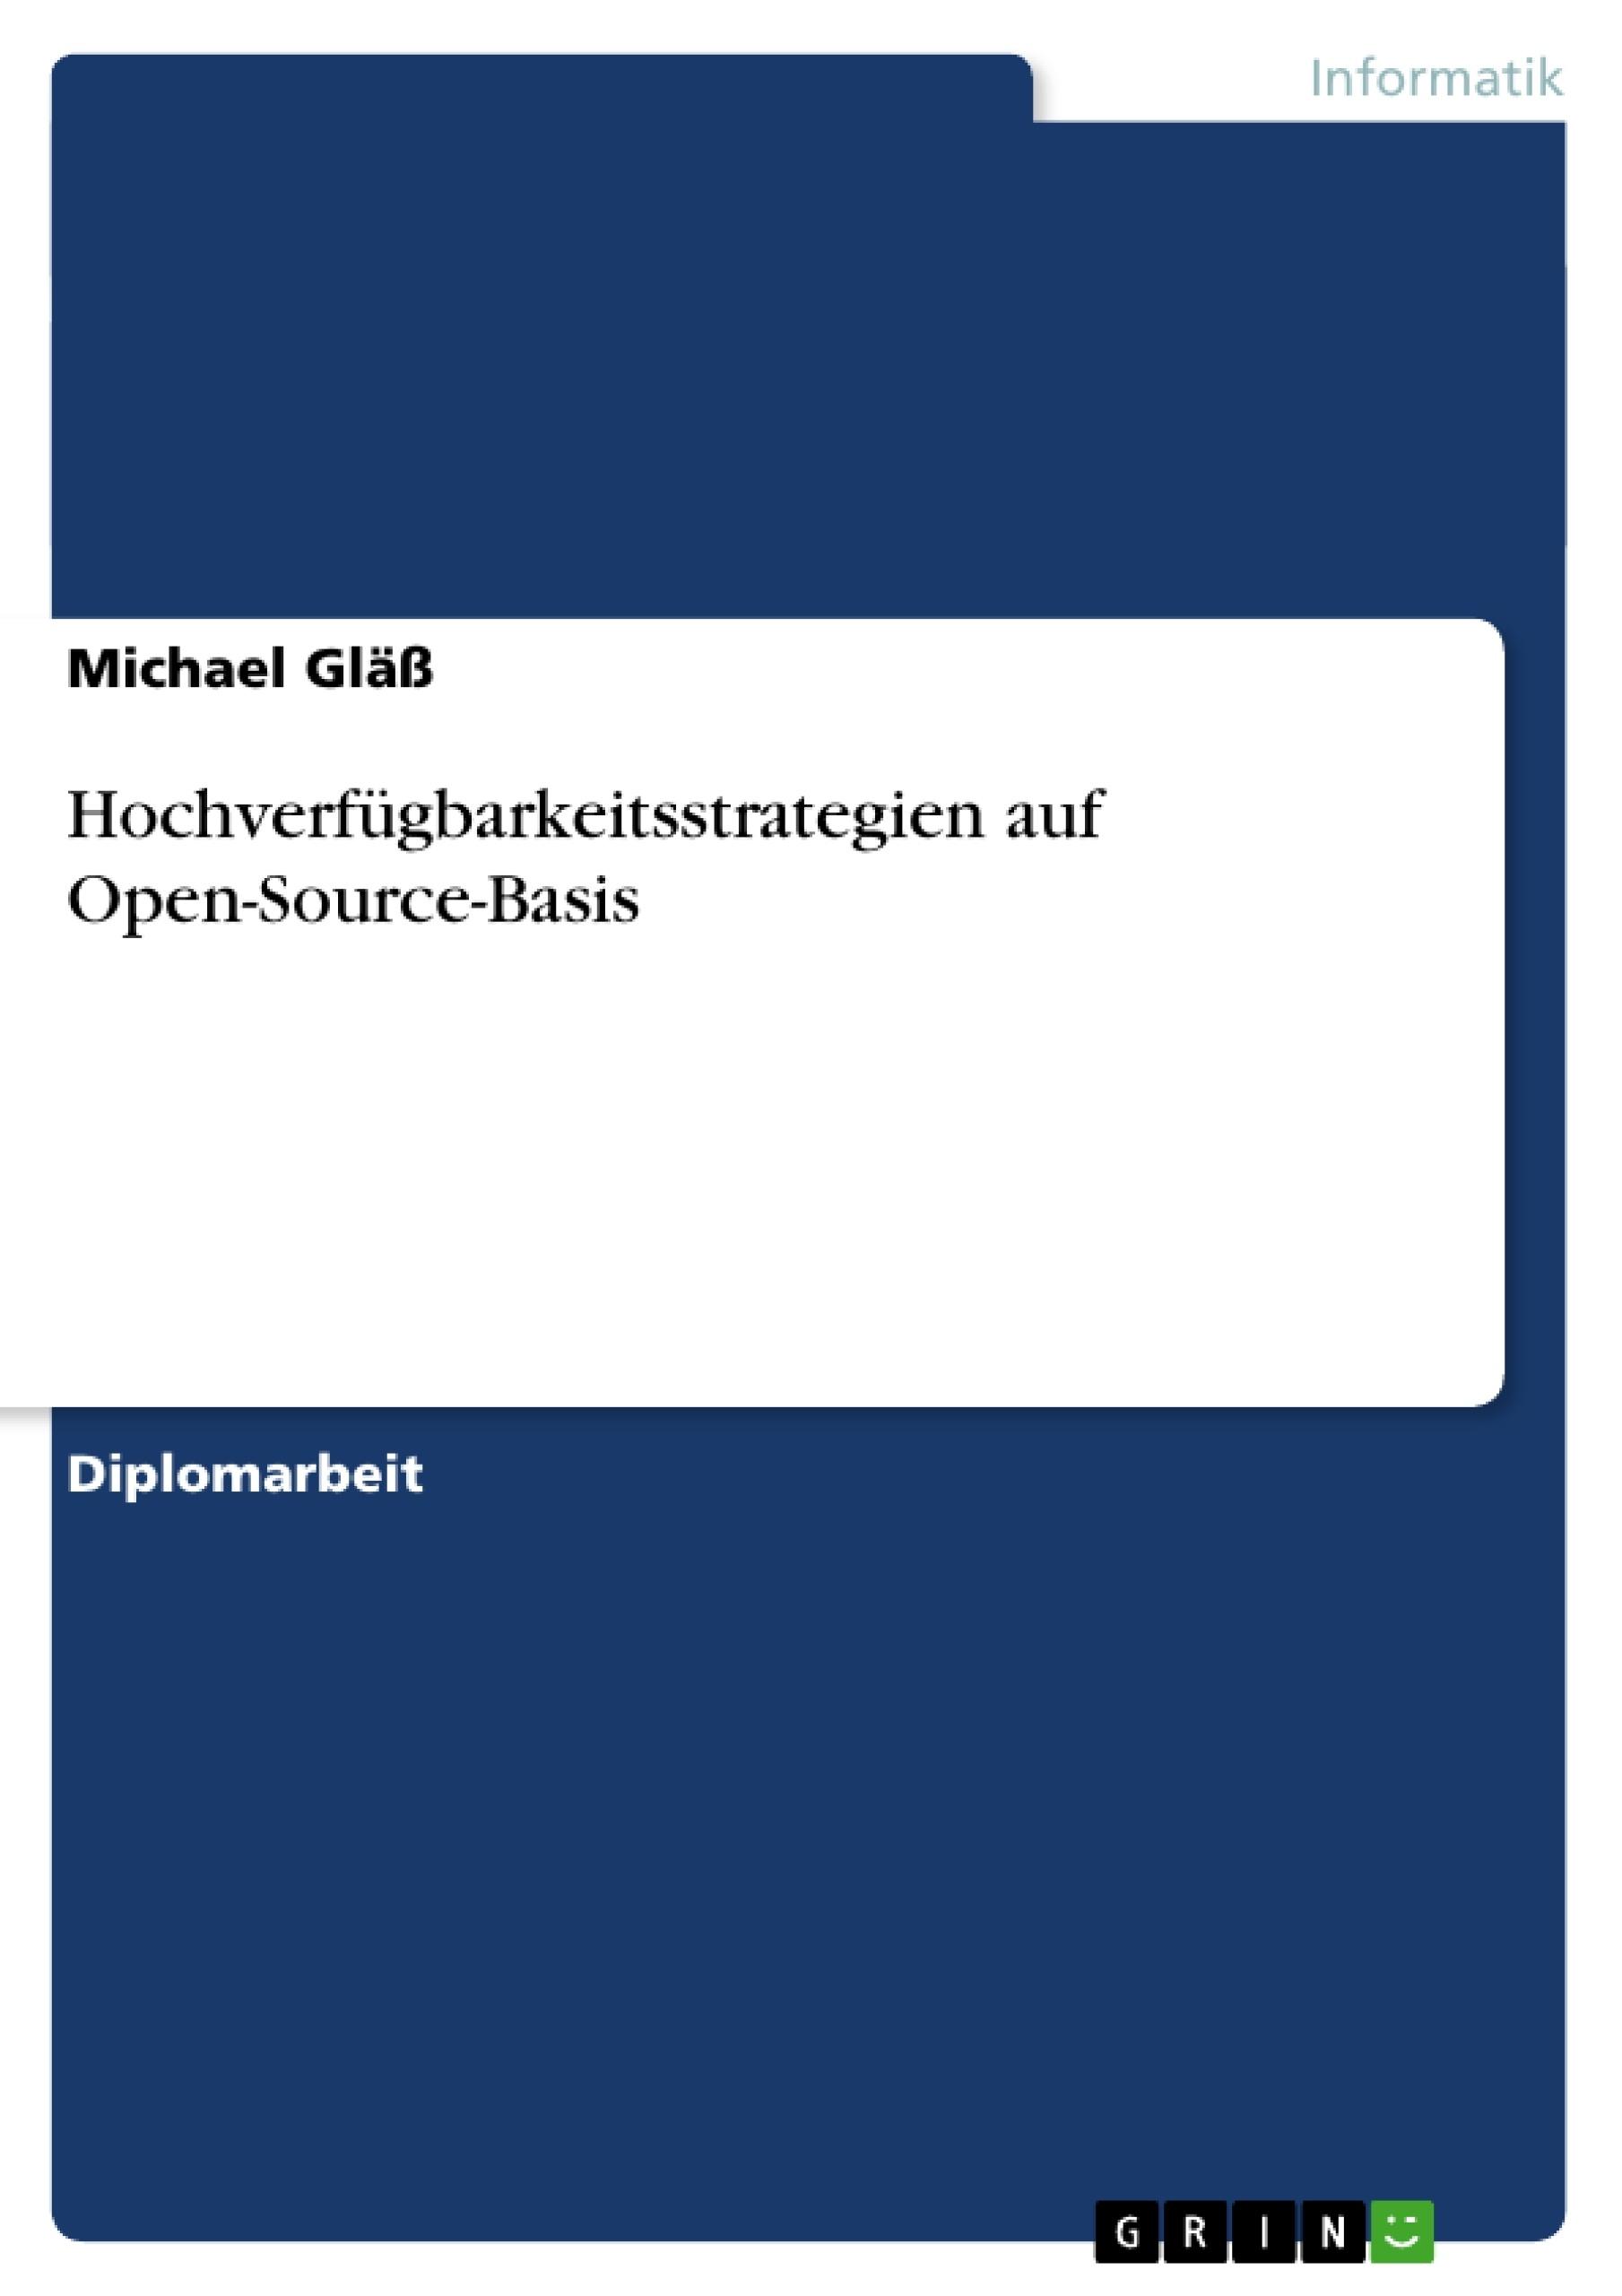 Titel: Hochverfügbarkeitsstrategien auf Open-Source-Basis